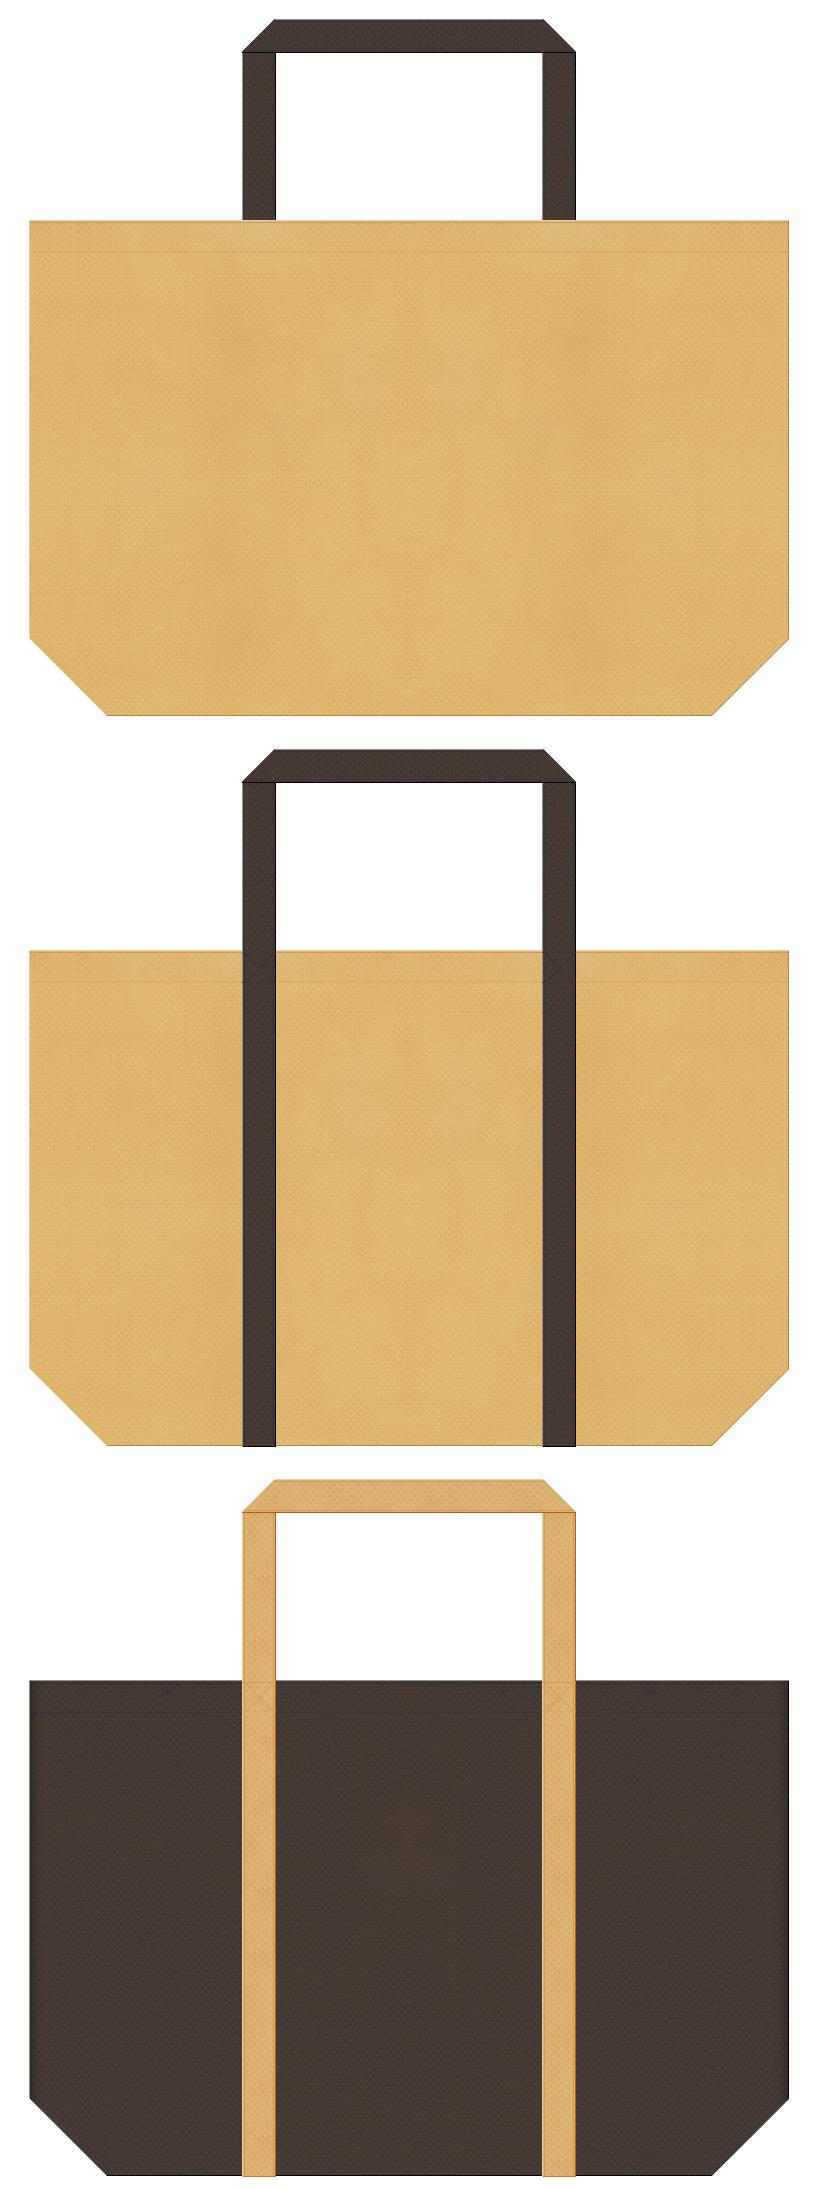 薄黄土色とこげ茶色の不織布バッグデザイン。パン屋さんのショッピングバッグにお奨めです。麦わら帽子のイメージにも。